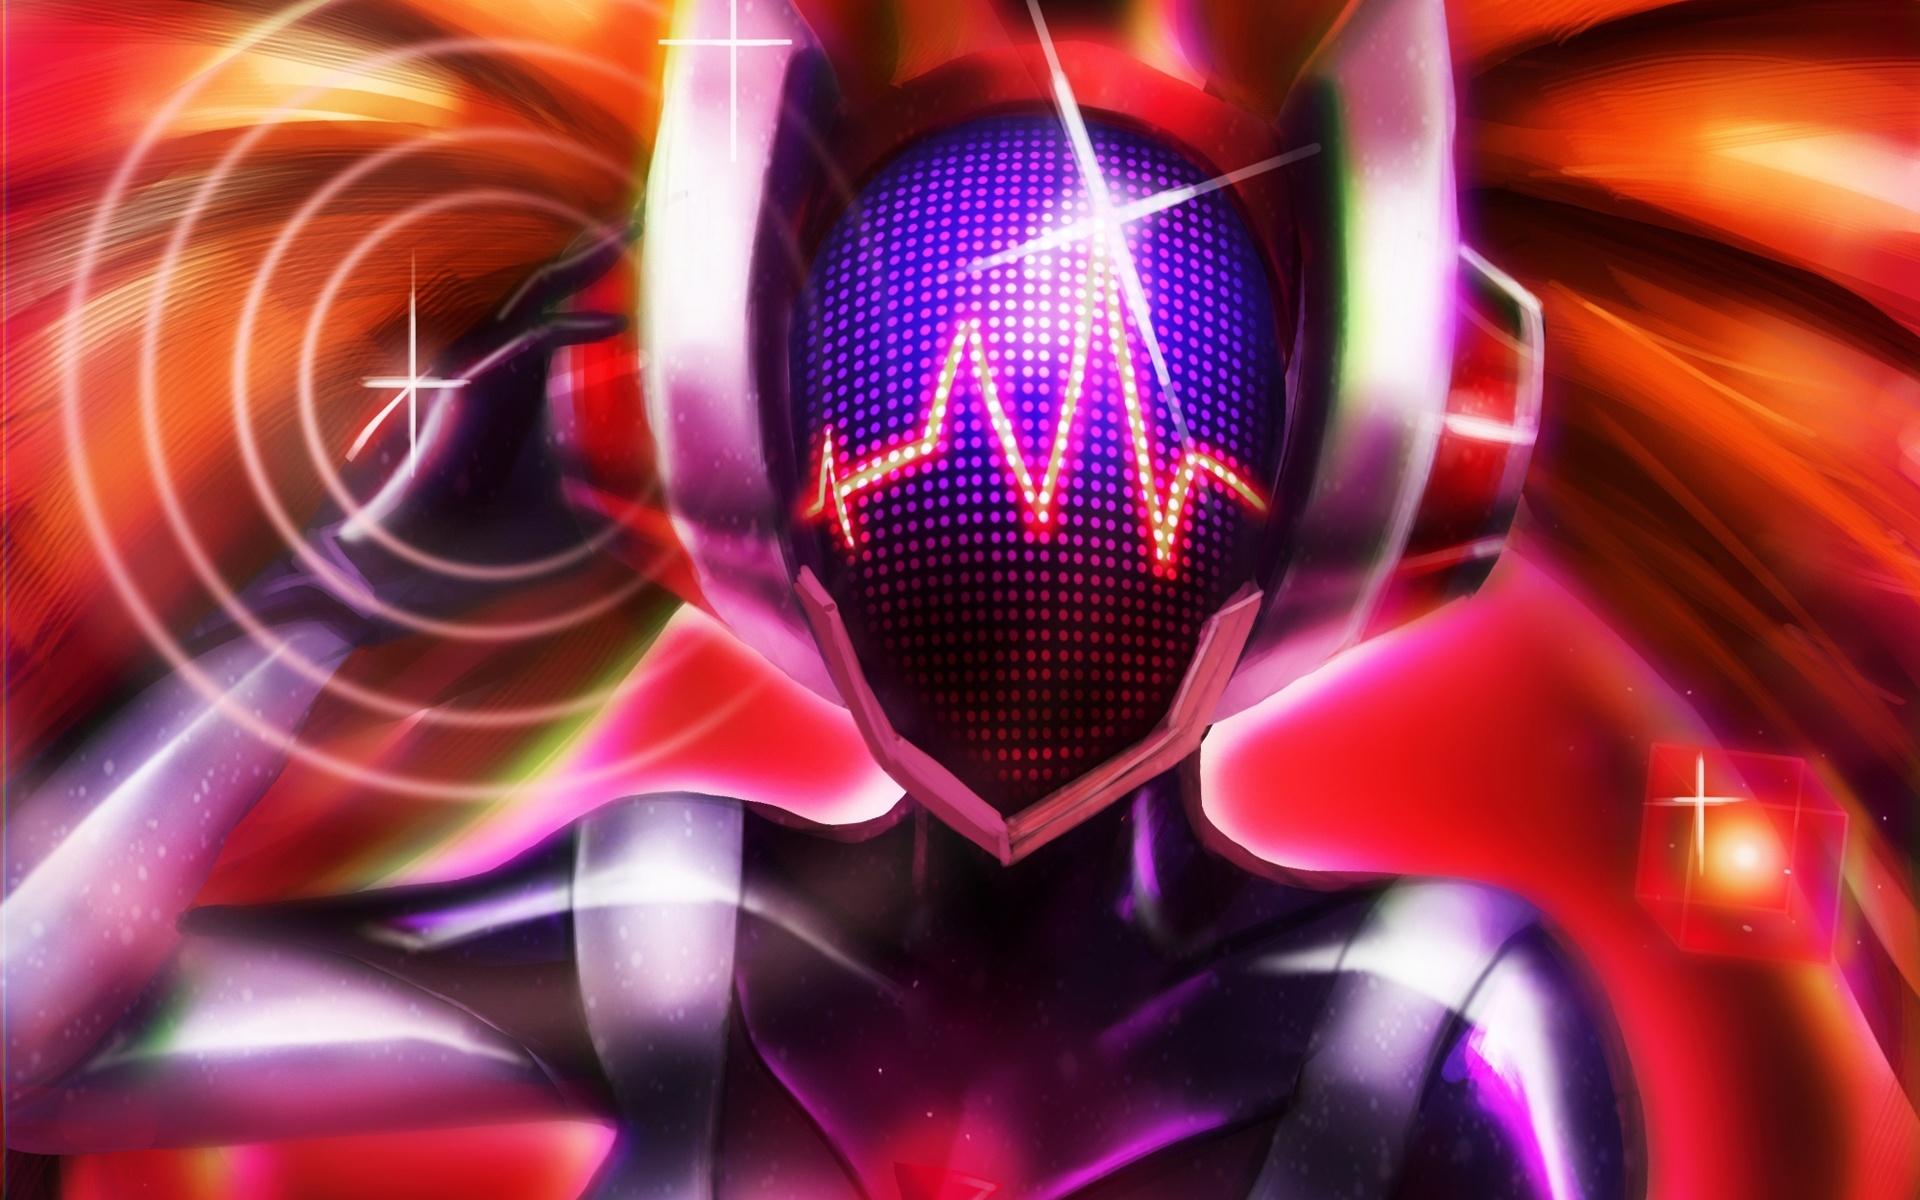 DJ Sona Concussive wallpaper